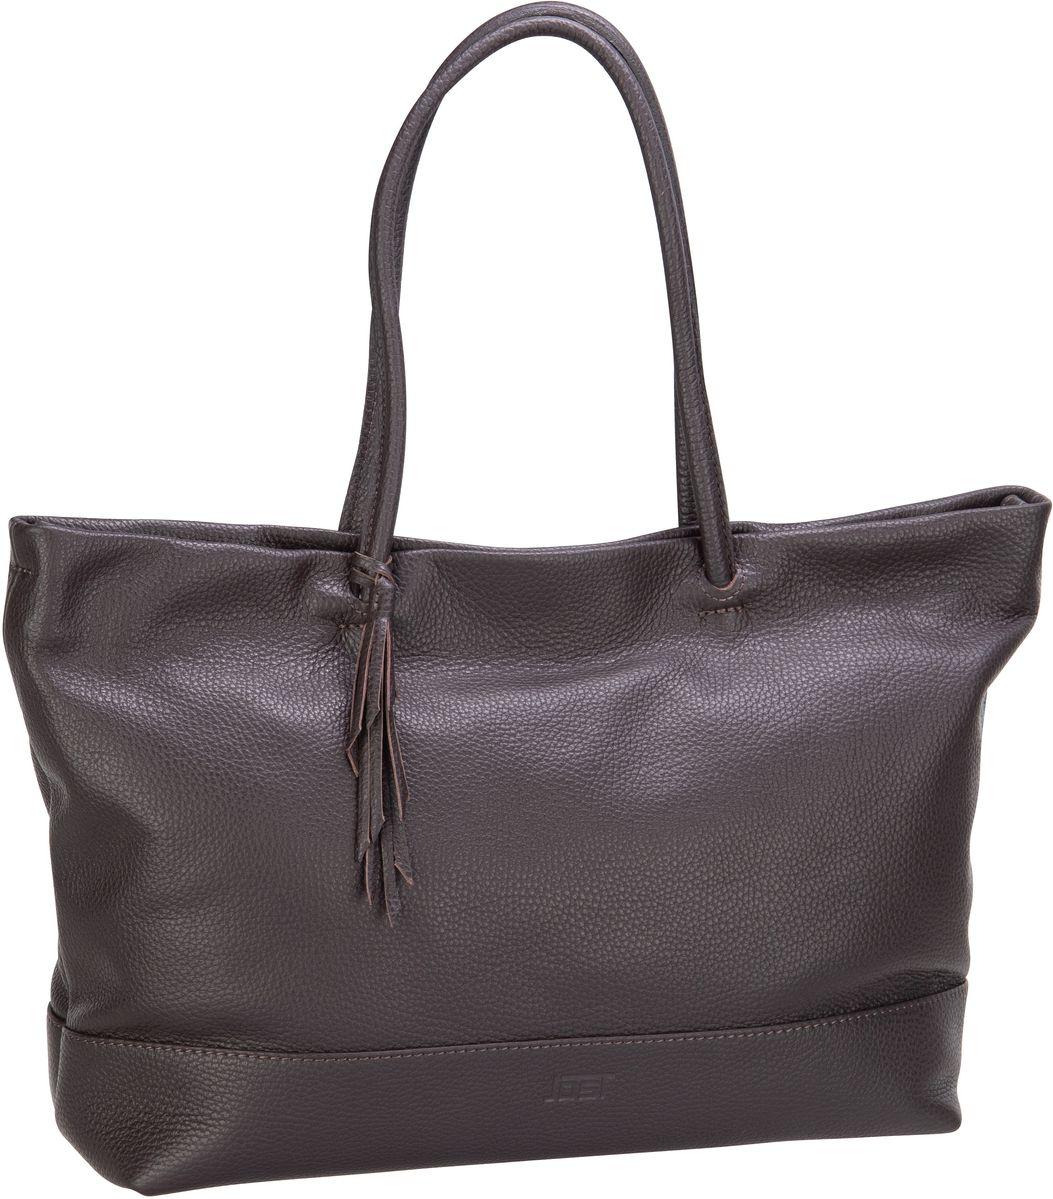 Handtasche Vika 1832 Shopper Braun